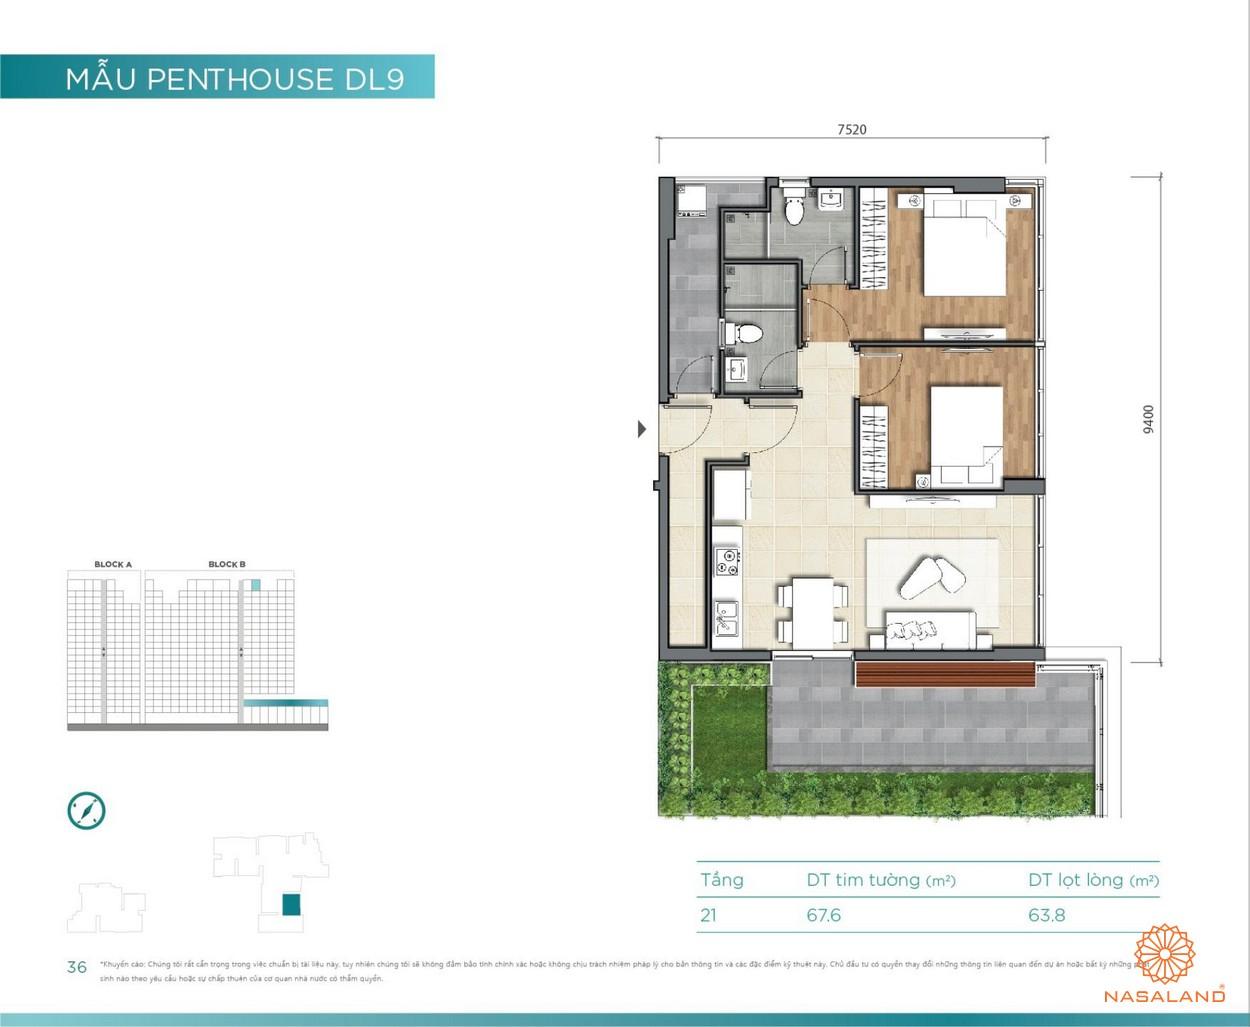 Thiết kế căn hộ Duplex Penthouse D'lusso Emerald Quận 2 đường Nguyễn Thị Định chủ đầu tư Điền Phúc Thành